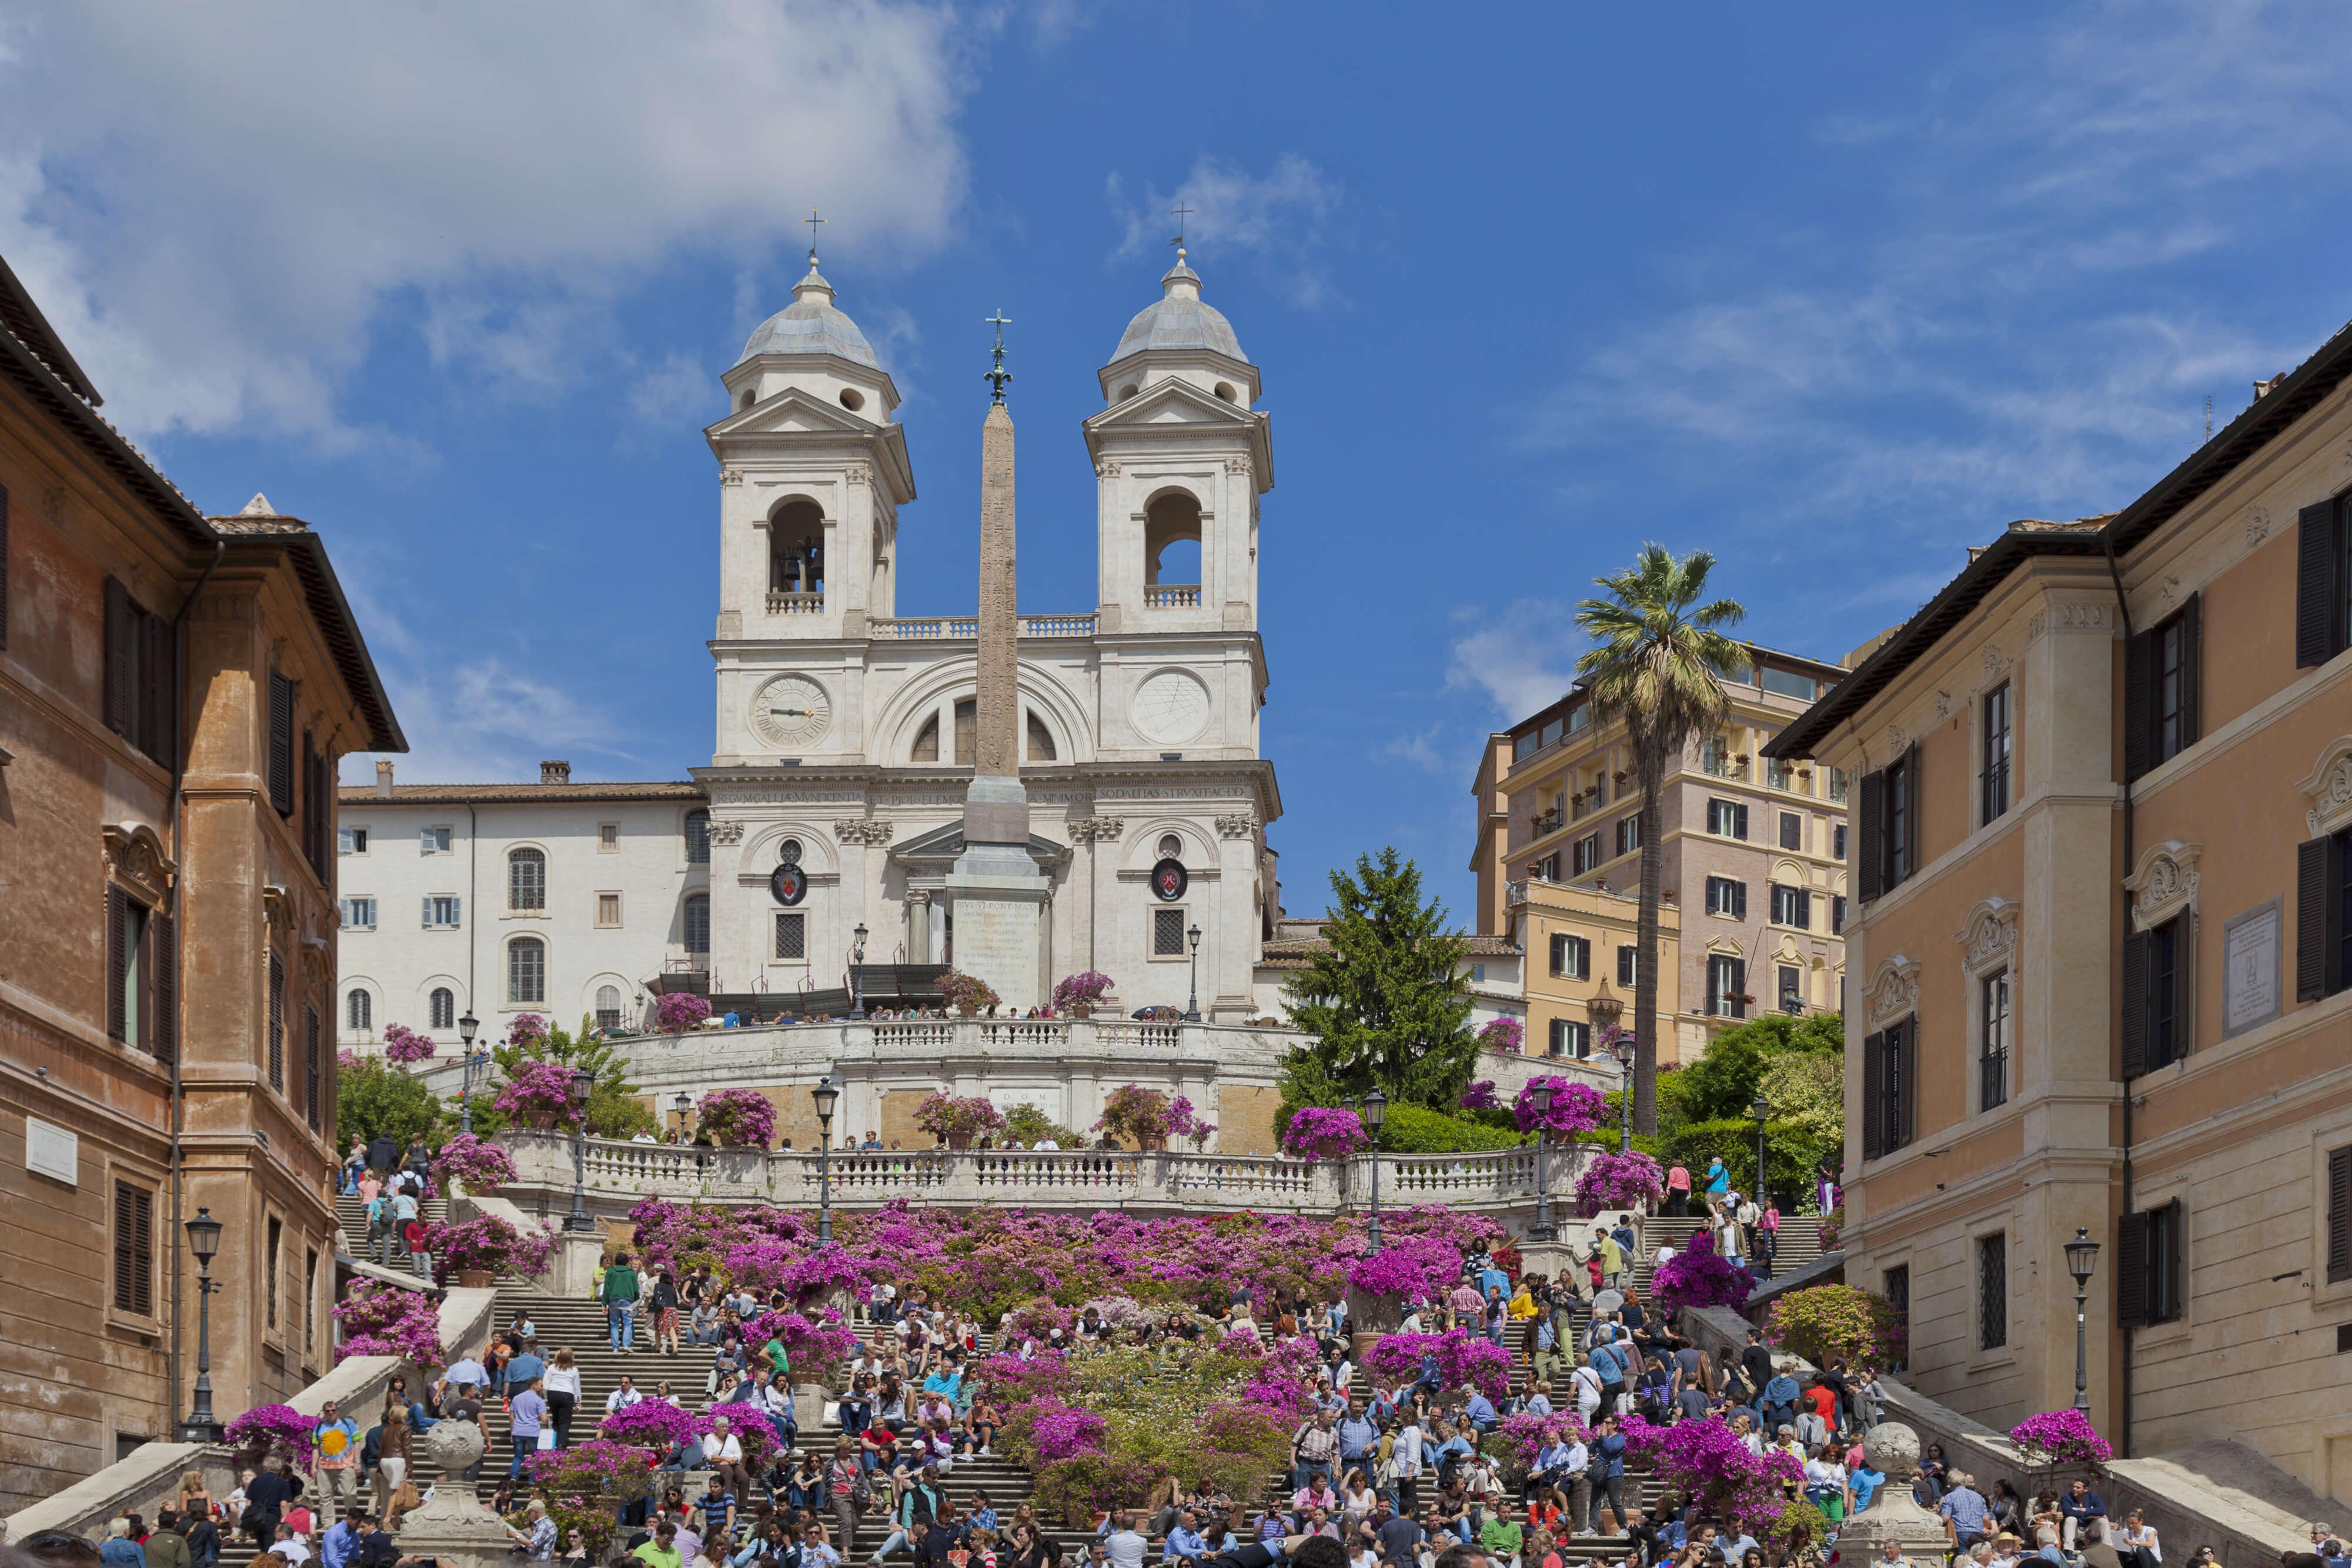 Piazza di Spagna in Rome